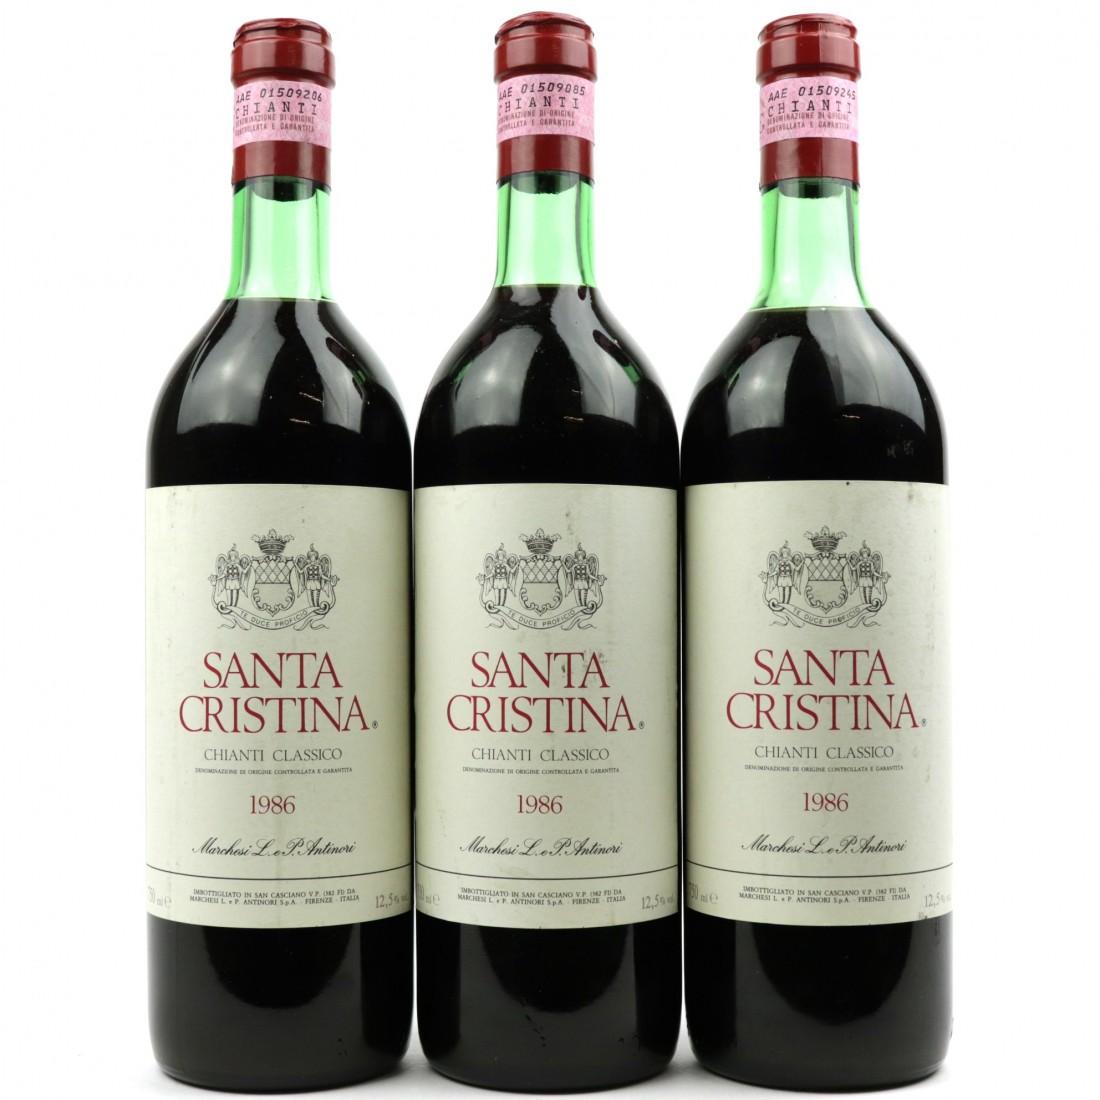 Santa Cristina 1986 Chianti Classico 3x75cl